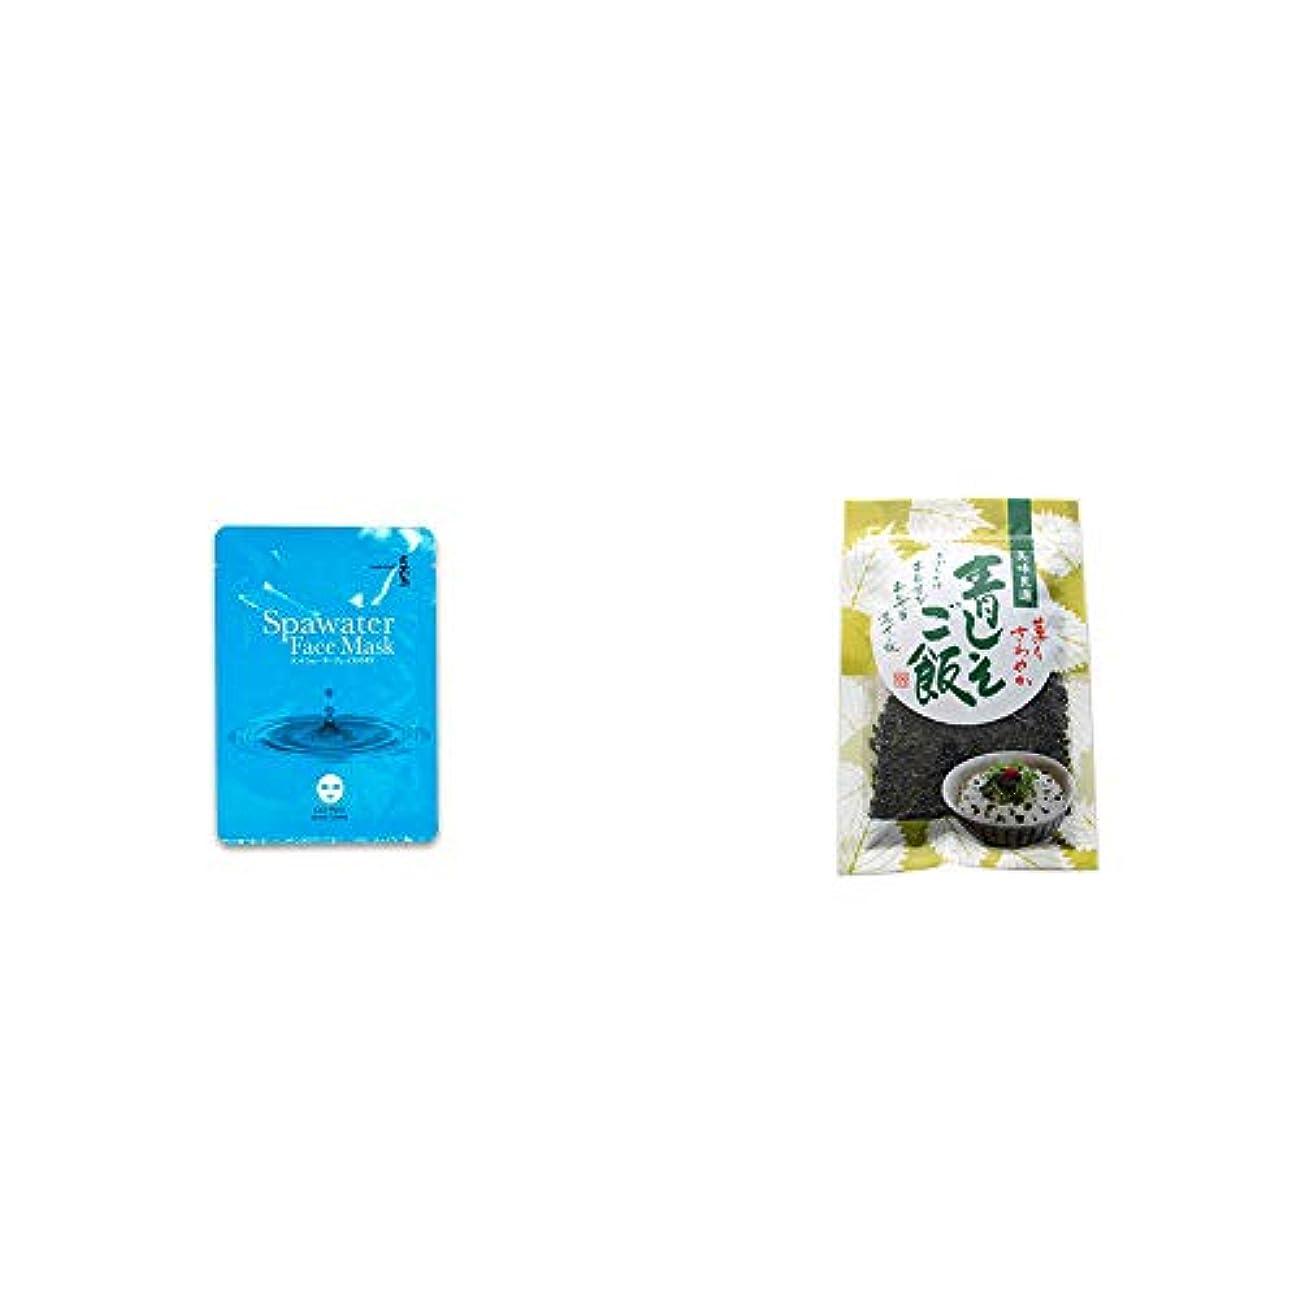 宣言する閉塞有効な[2点セット] ひのき炭黒泉 スパウォーターフェイスマスク(18ml×3枚入)・薫りさわやか 青しそご飯(80g)